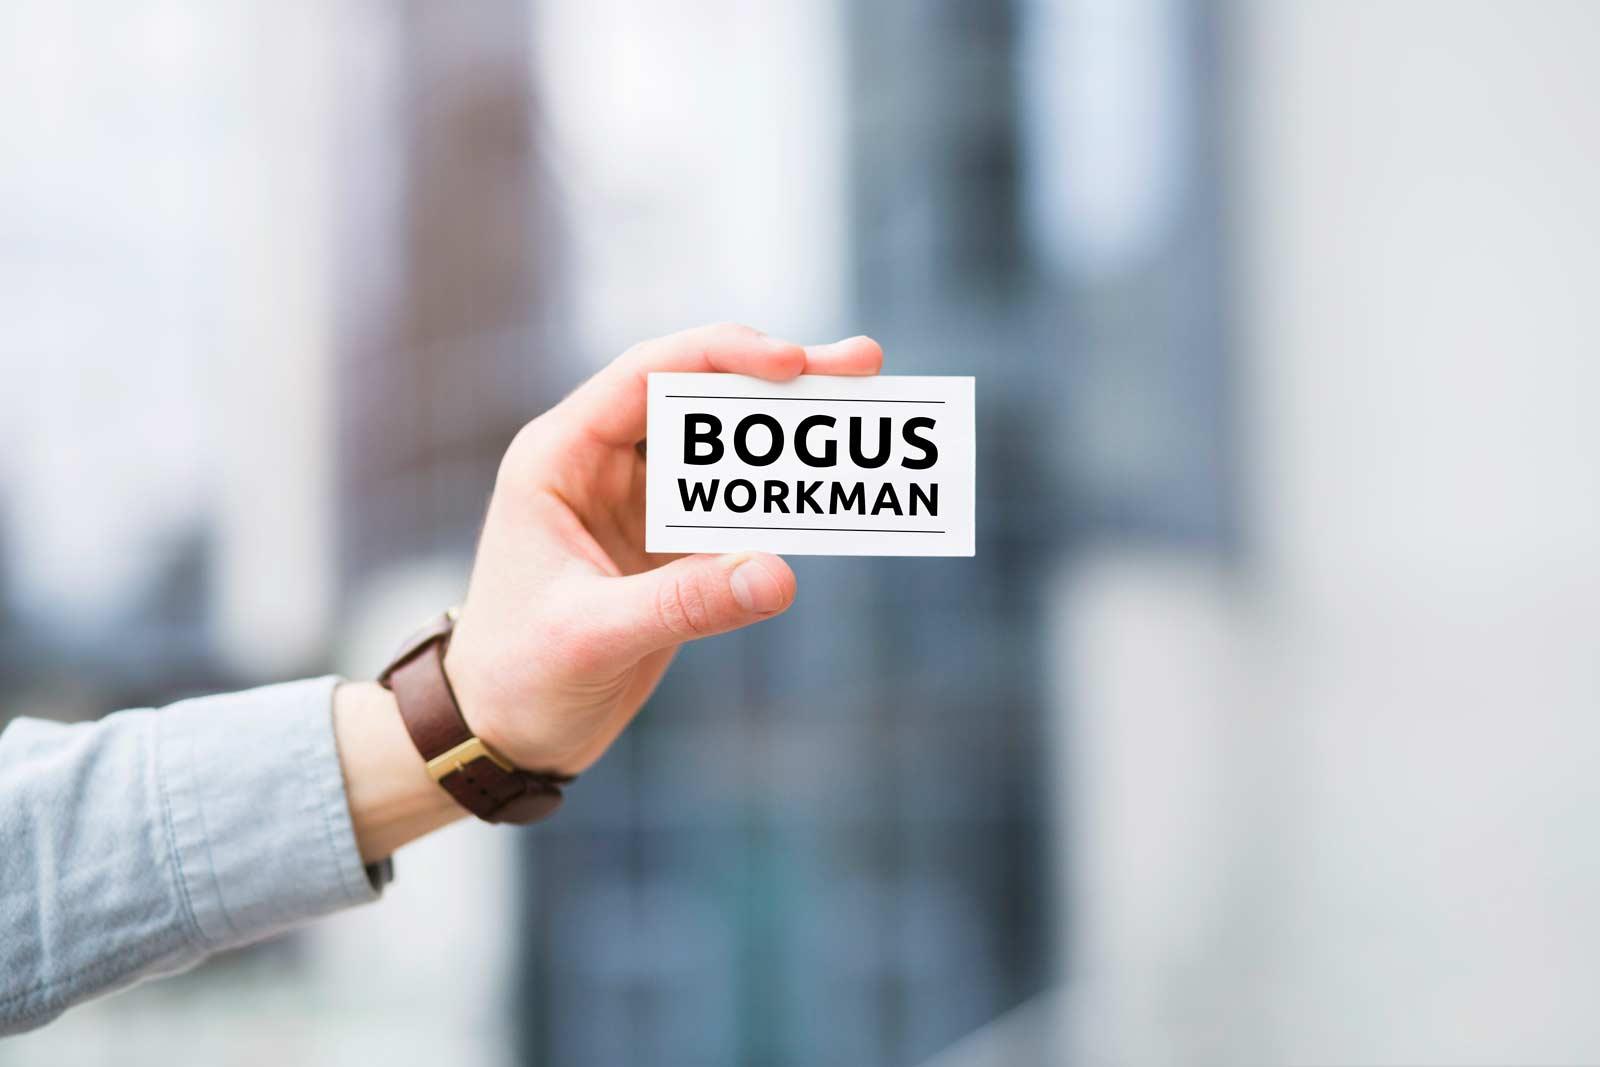 Bogus Workman Warning